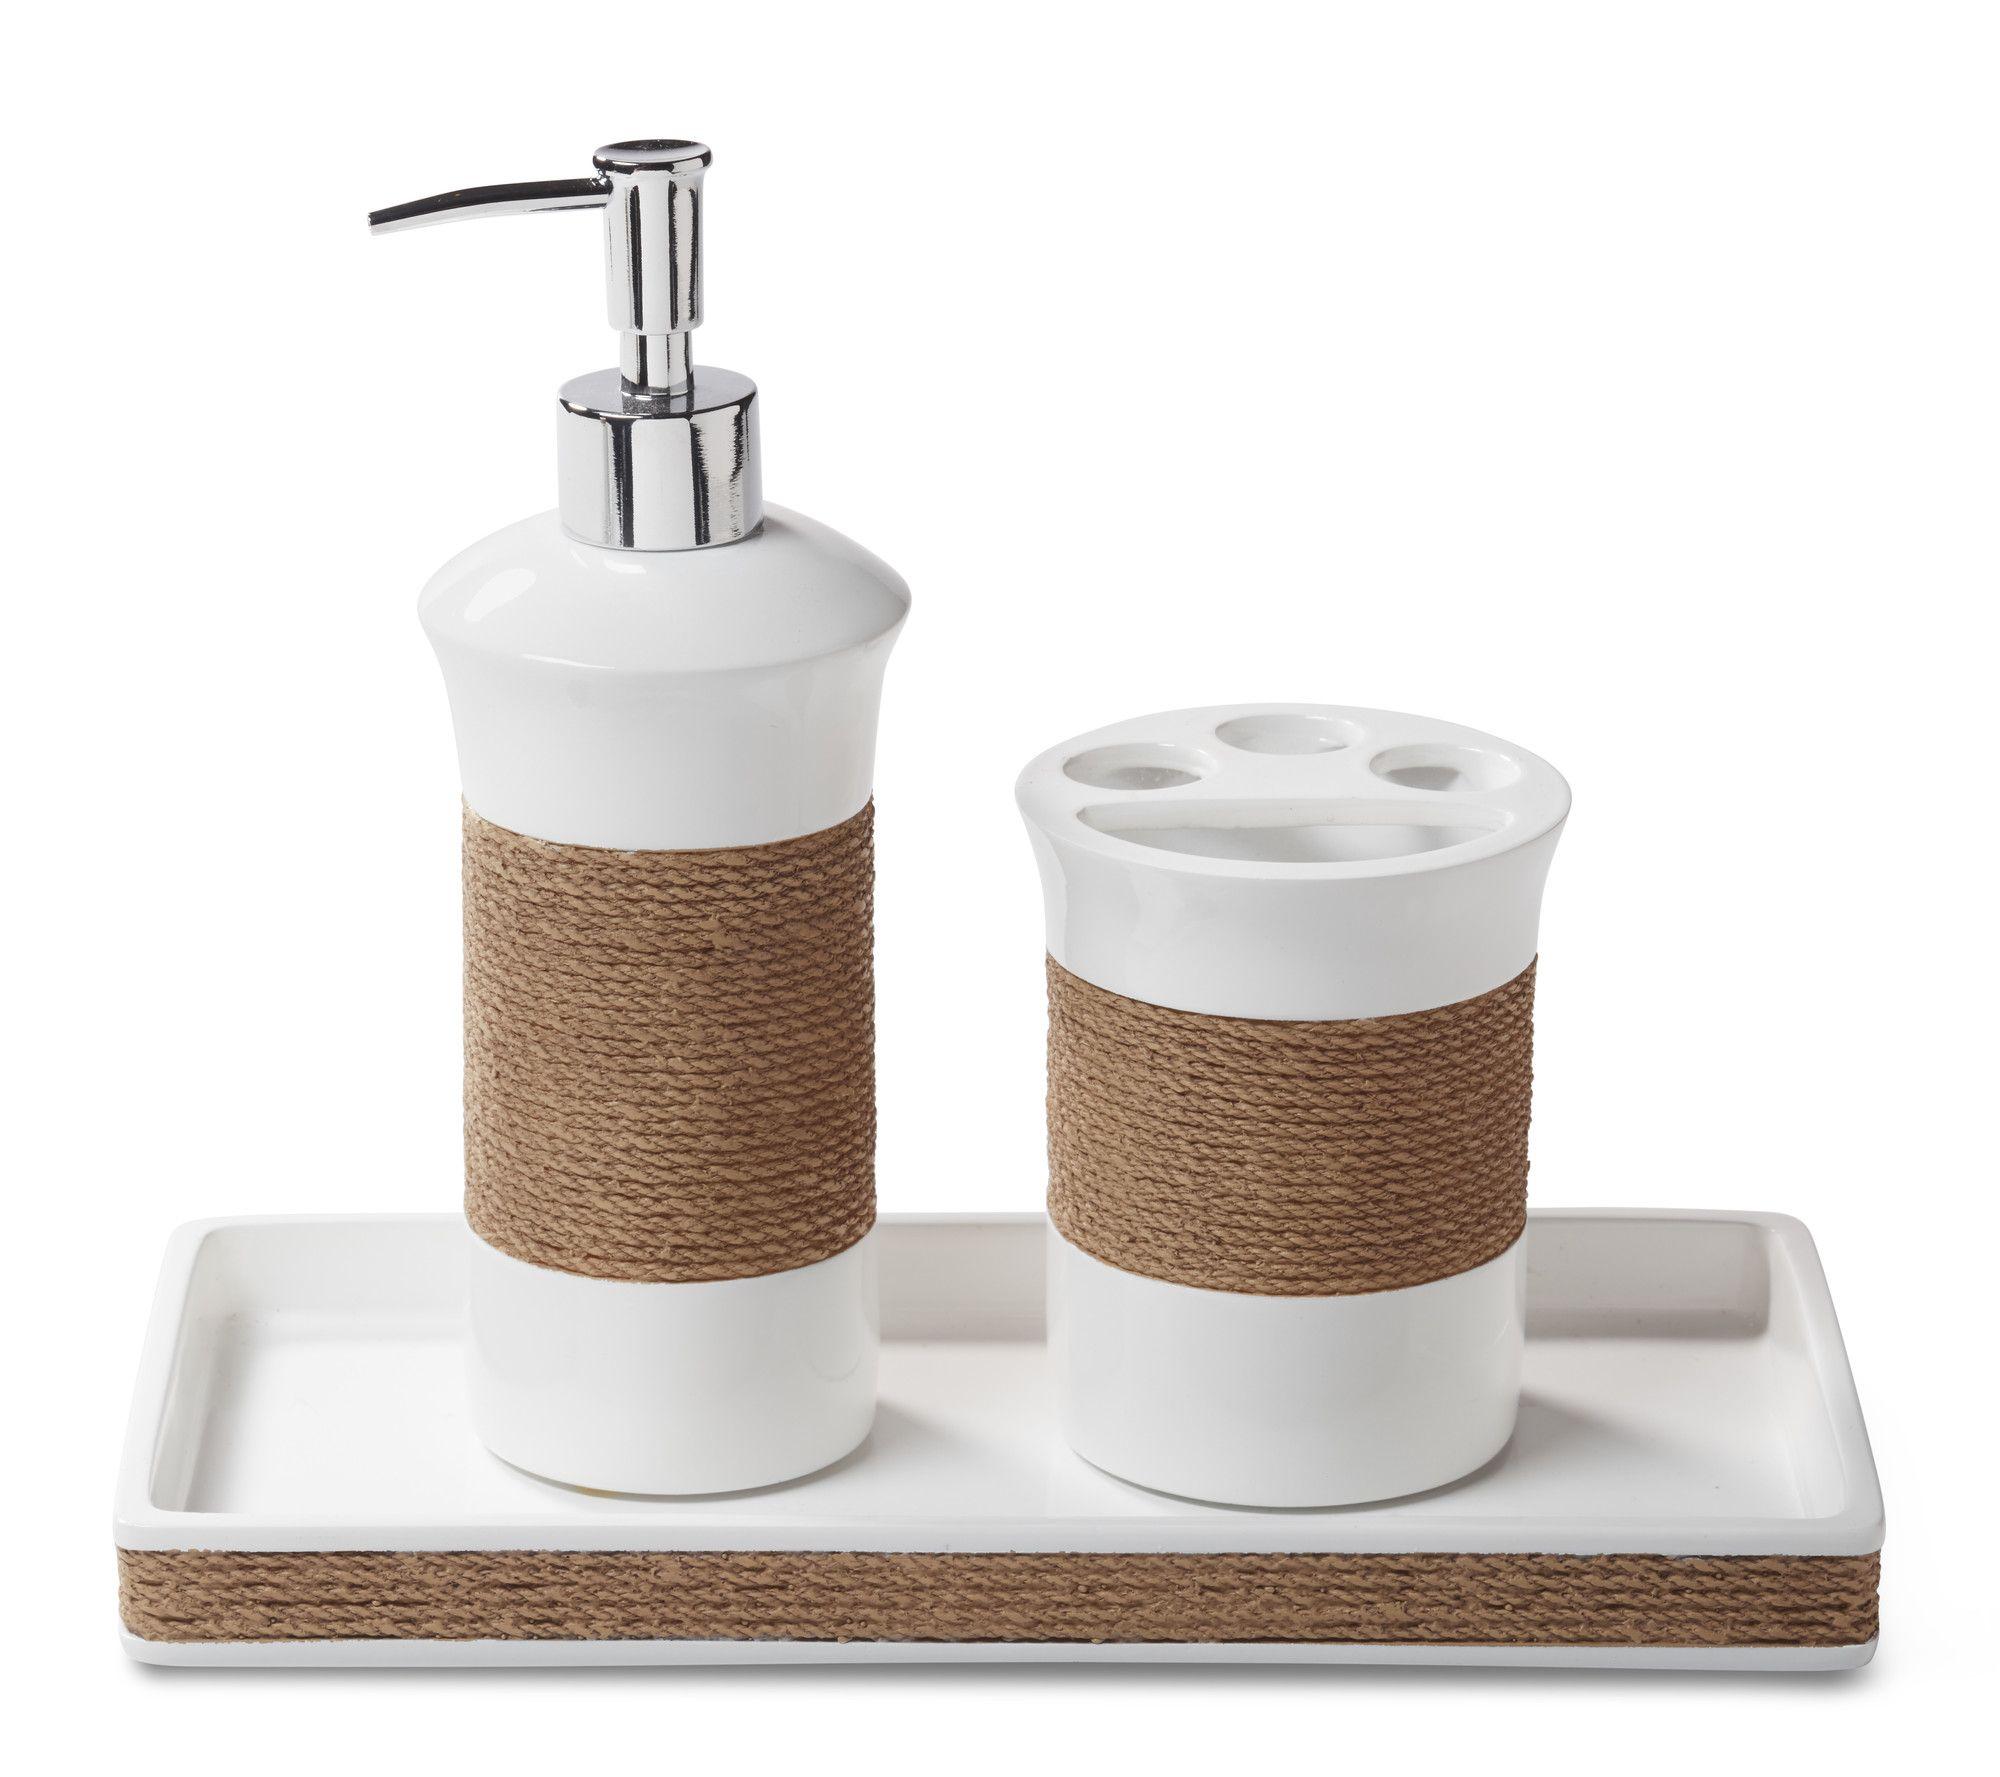 Castaway 3-Piece Bathroom Accessory Set | Bathroom accessories sets ...